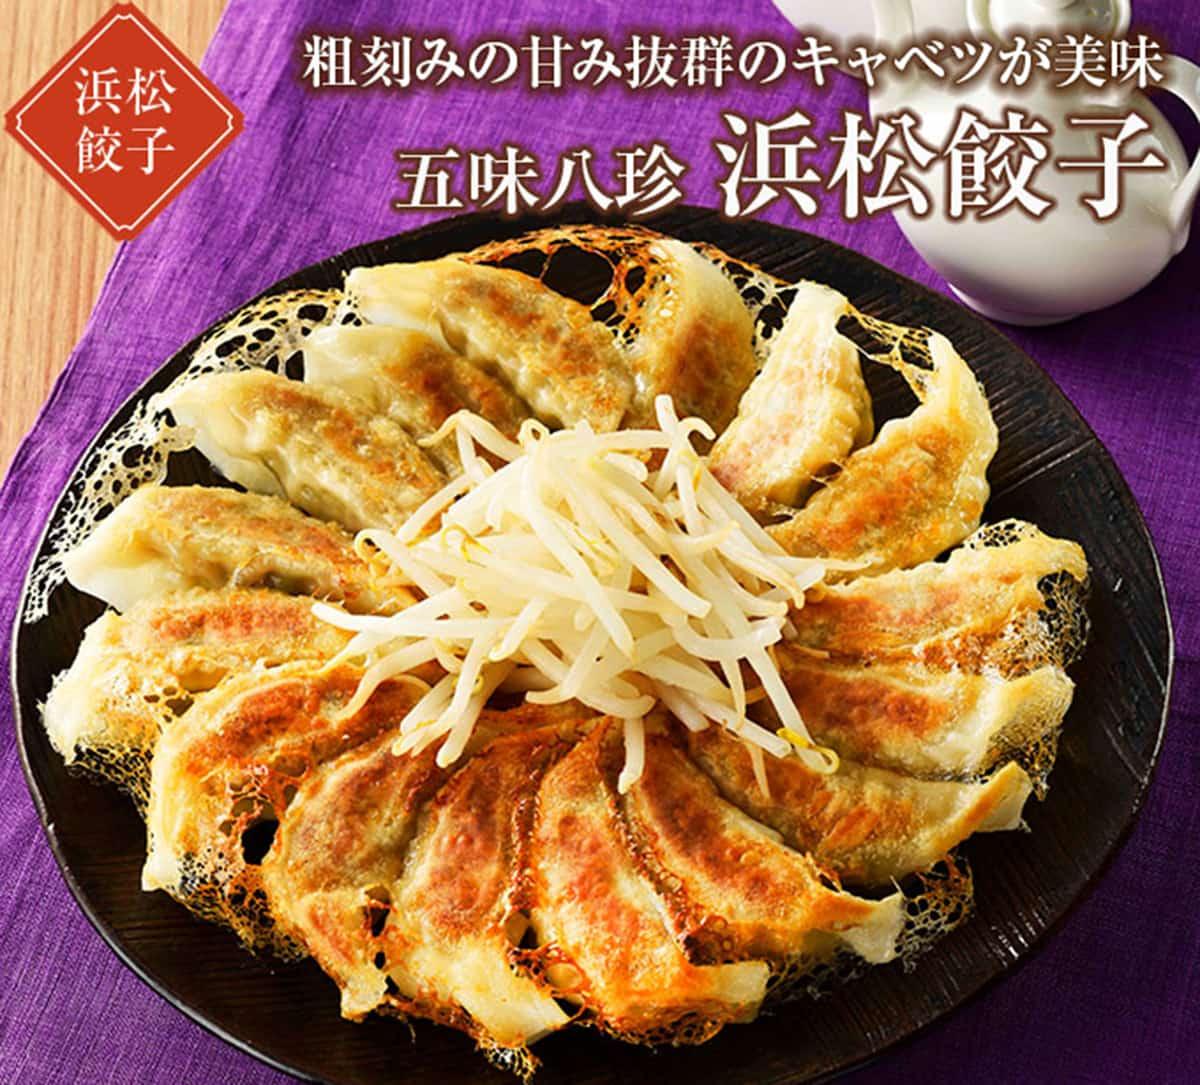 浜松餃子 五味八珍|餃子